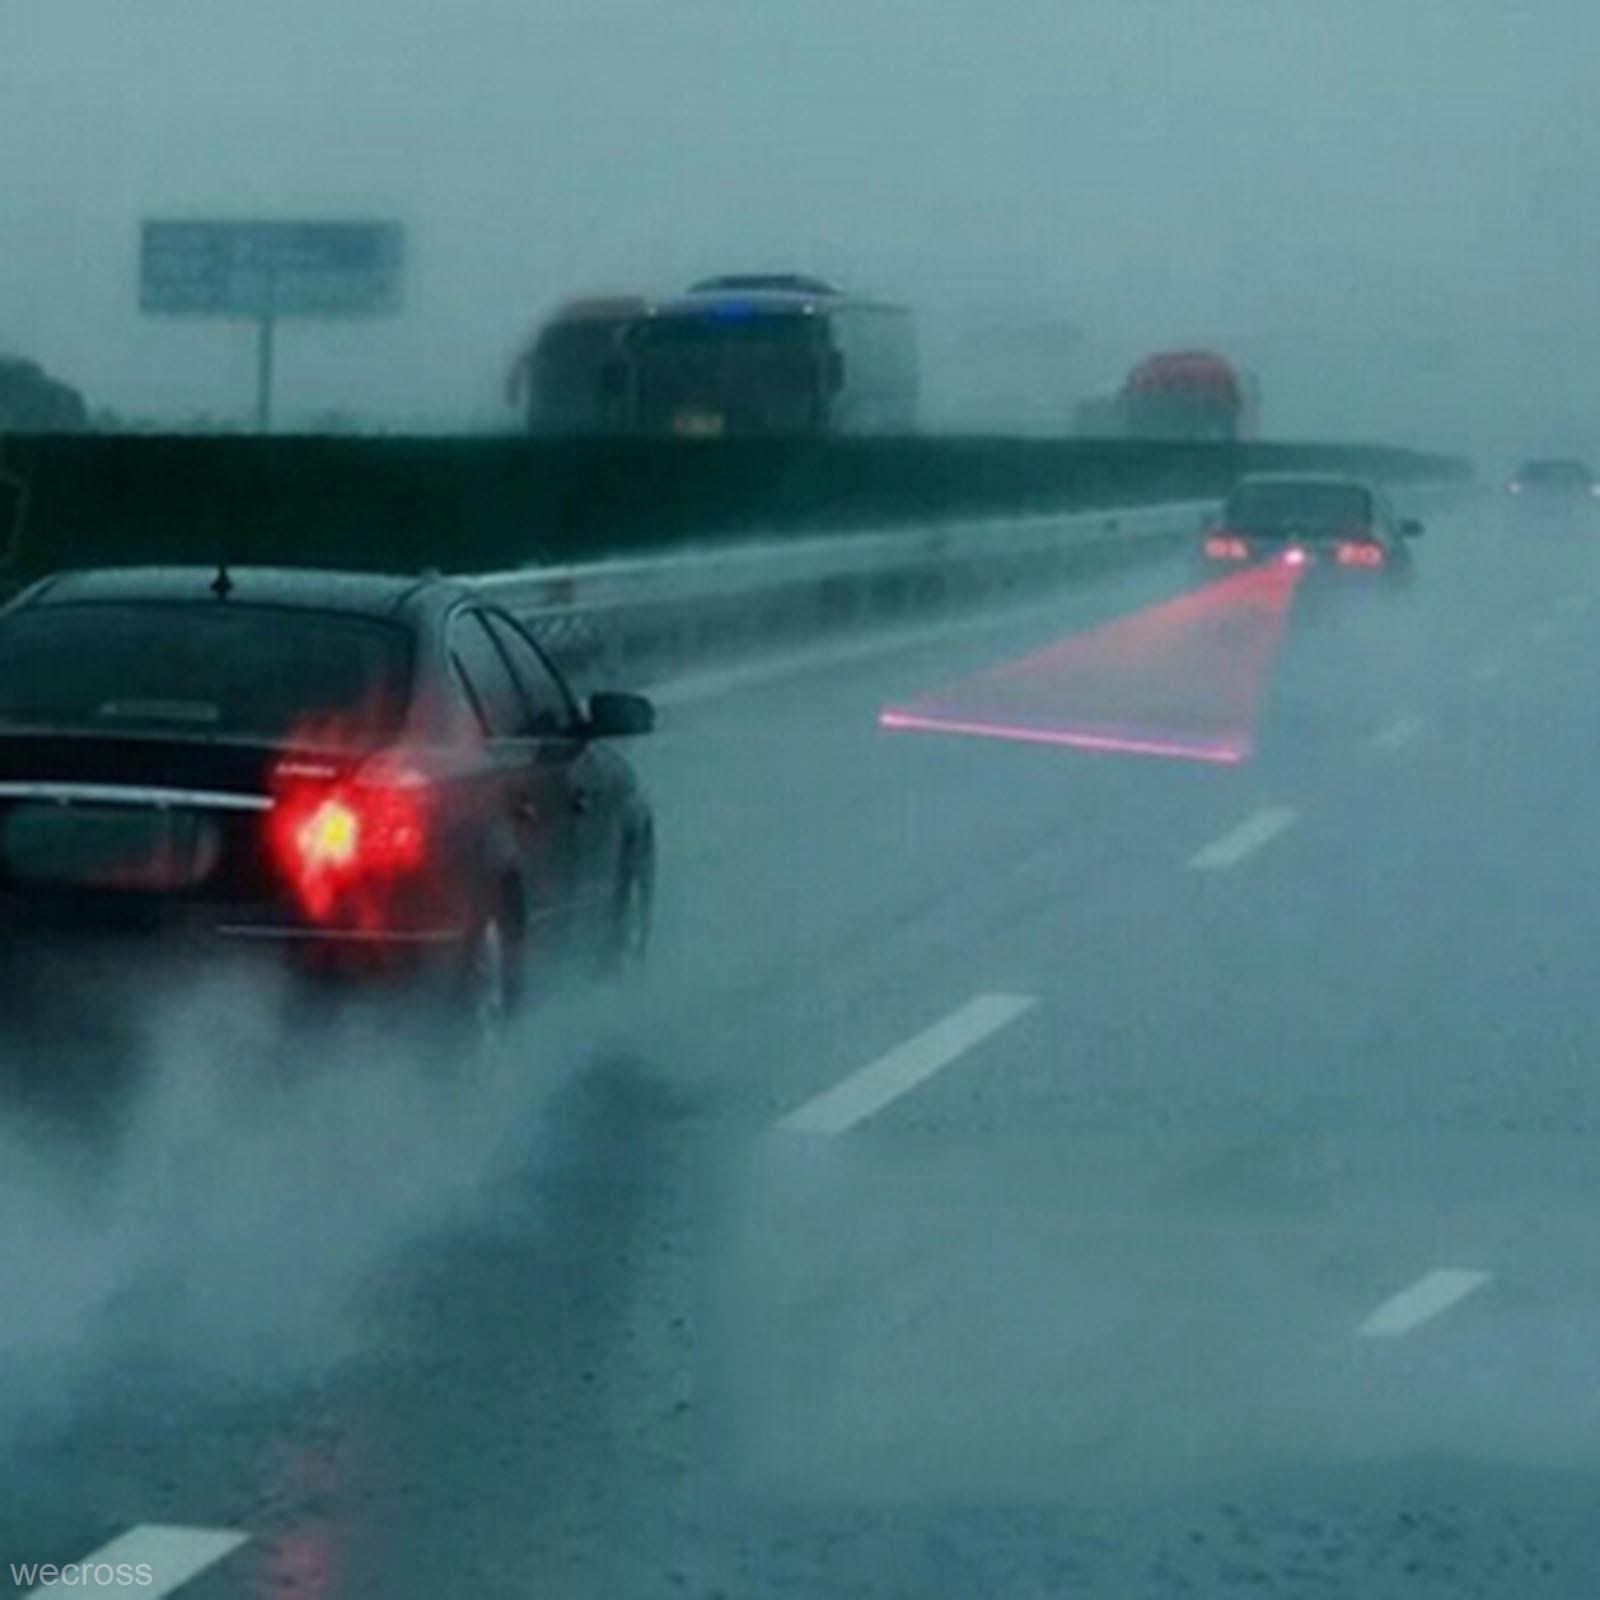 Car LED Laser Fog Light Vehicle Anti-Collision Tail-light Brake Warning Lamp Roadway Safety Traffic Light 2